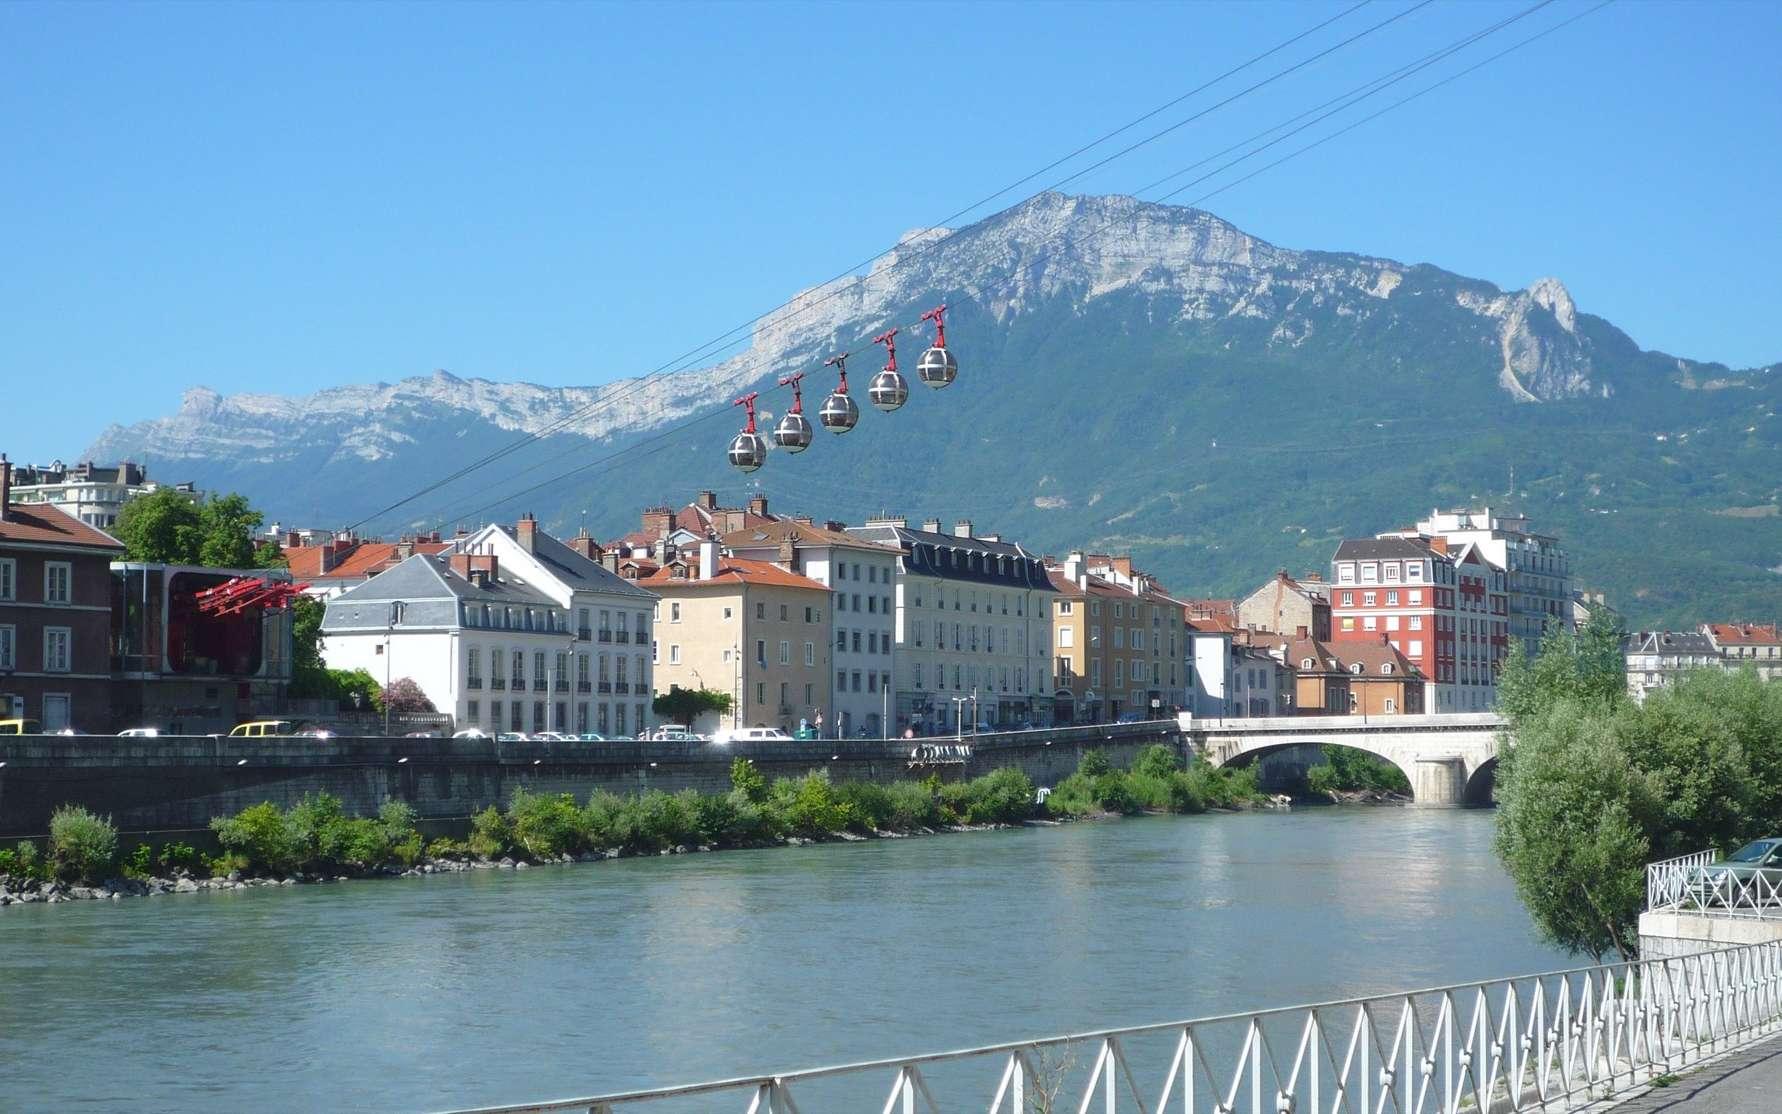 Certaines grandes villes de France sont plus actives que d'autres pour lutter contre la pollution de l'air, comme Grenoble, ici sur notre photo.© Milky, Wikimedia Commons, Domaine public